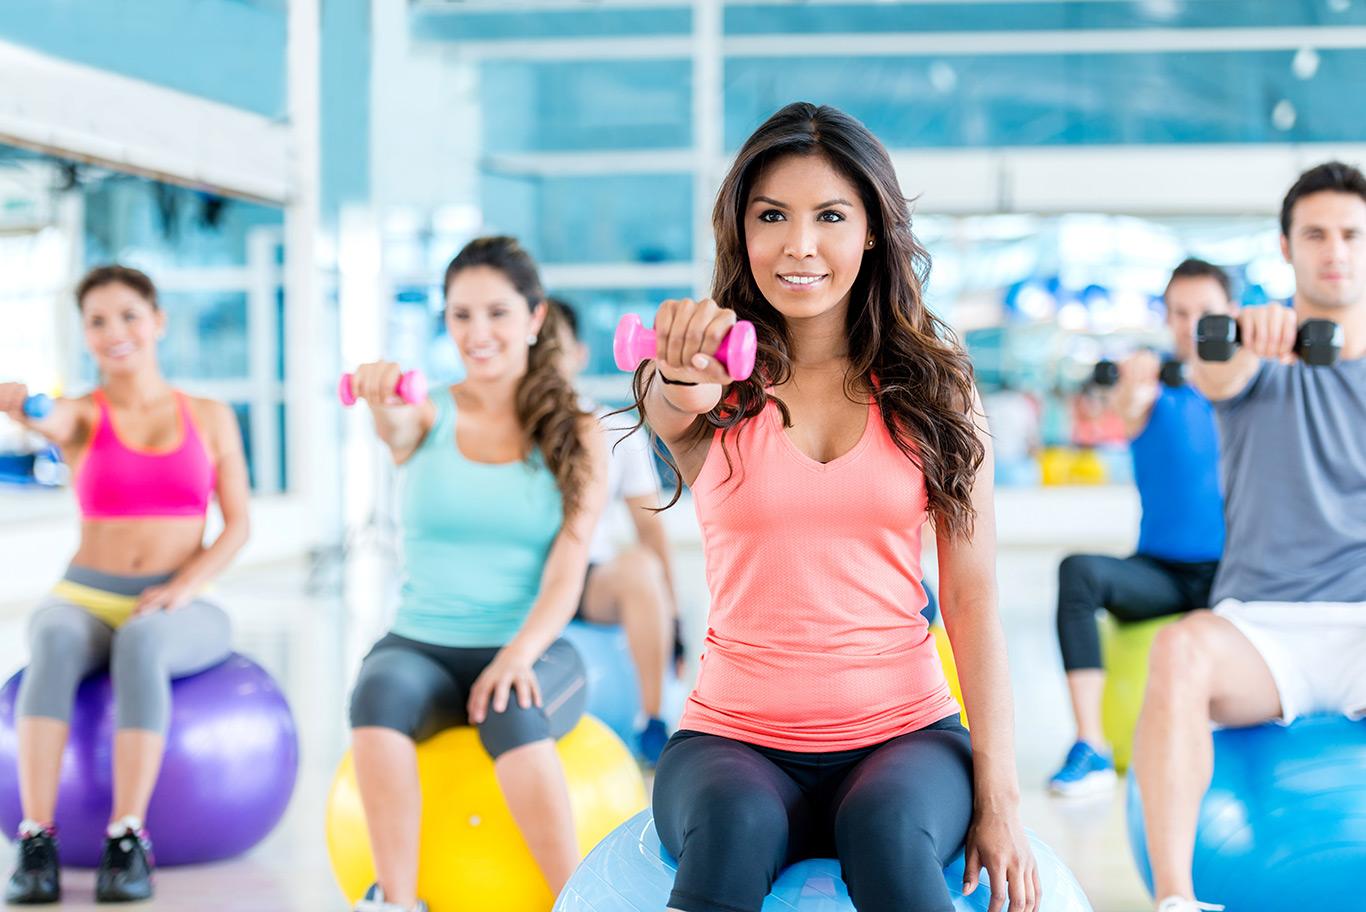 фитнес реклама в картинках являемся самым